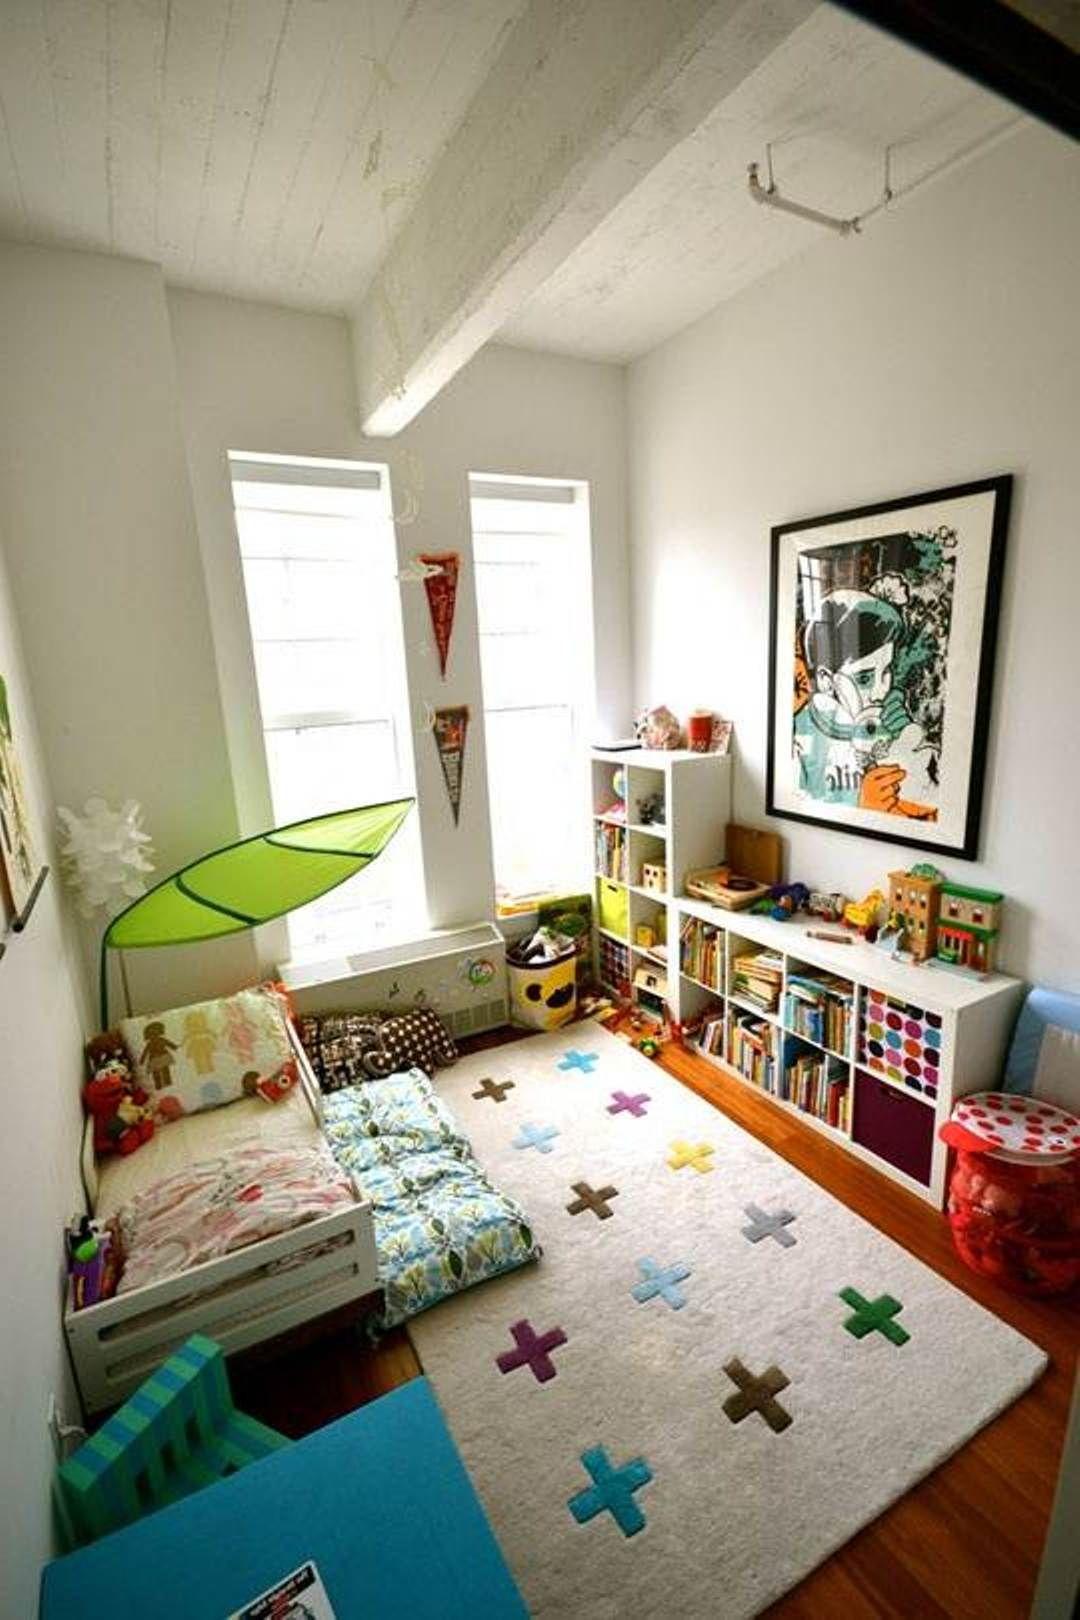 modern toddler bedroom furniture sets  toddler bedroom furniture  - modern toddler bedroom furniture sets